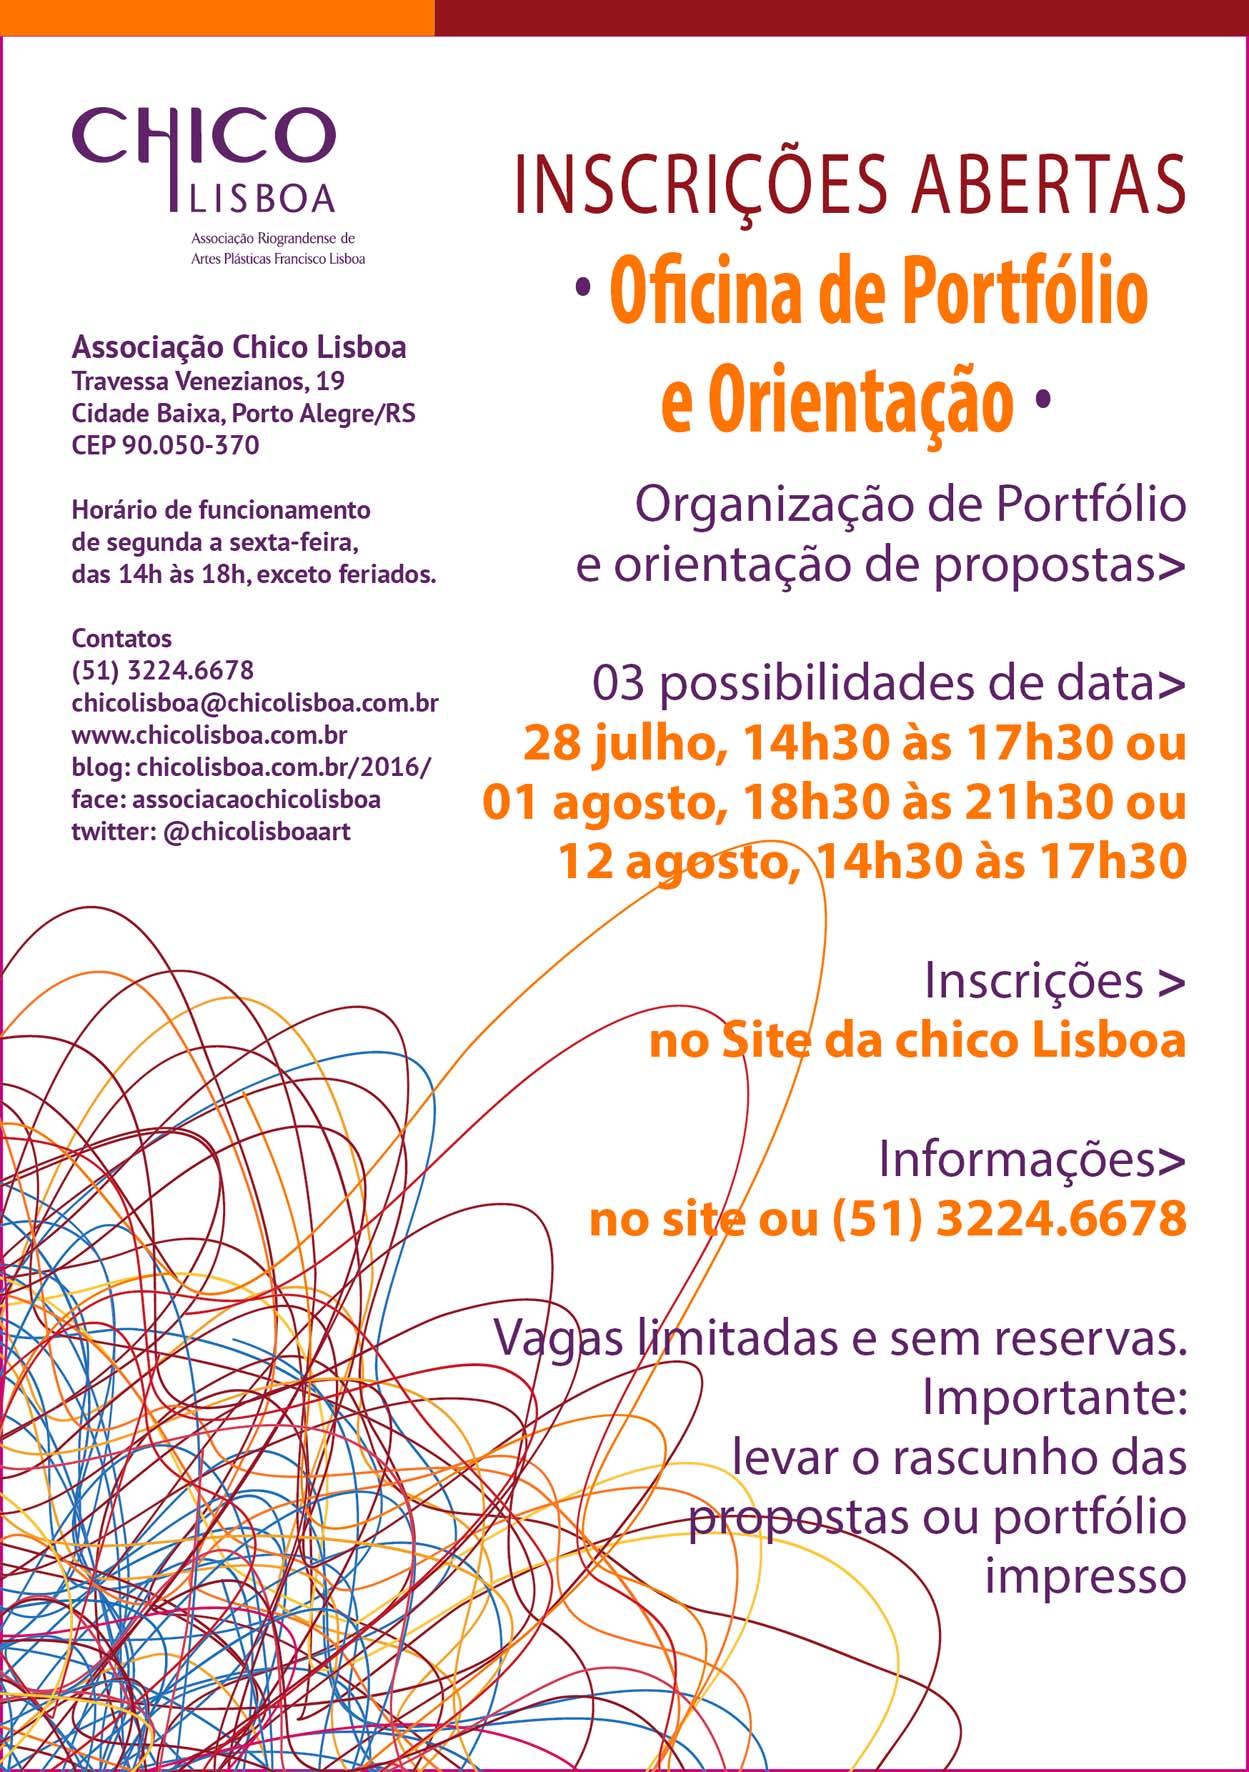 Oficinas de Orientação e Apreciação de Portfólios